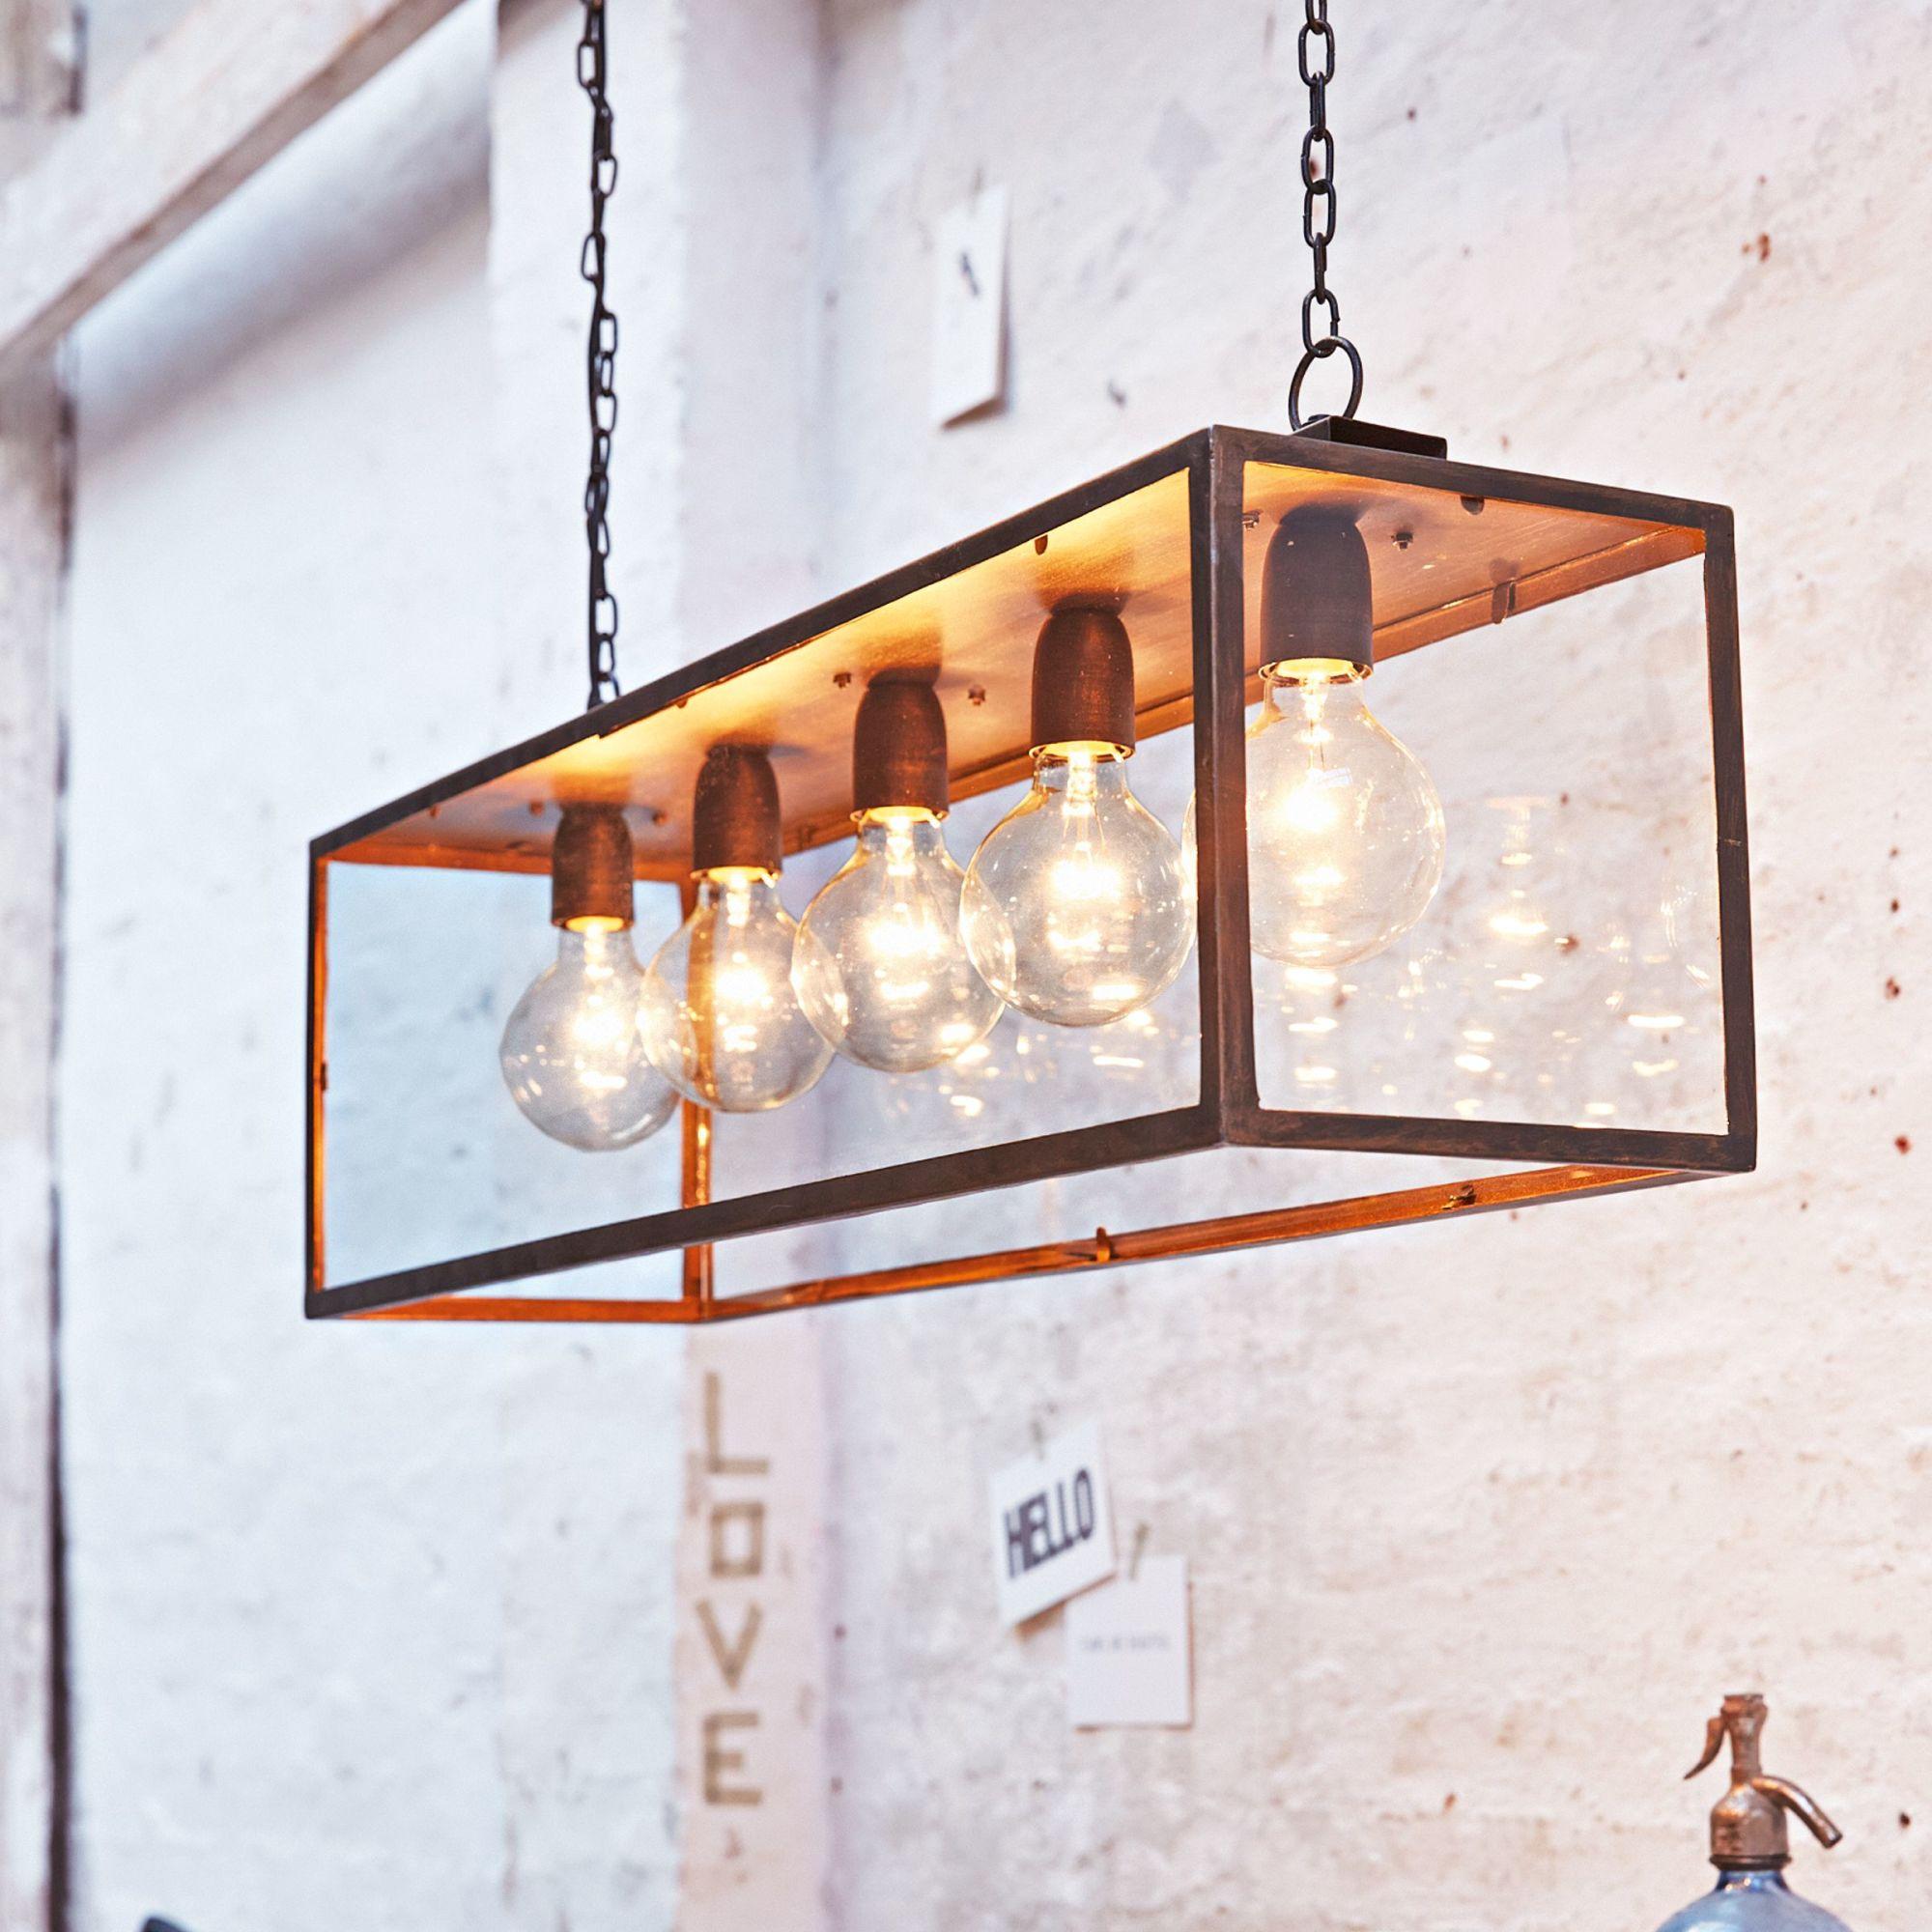 Full Size of Deckenlampe Industrial Deckenleuchte Look Schlafzimmer Deckenlampen Wohnzimmer Esstisch Für Küche Bad Modern Wohnzimmer Deckenlampe Industrial